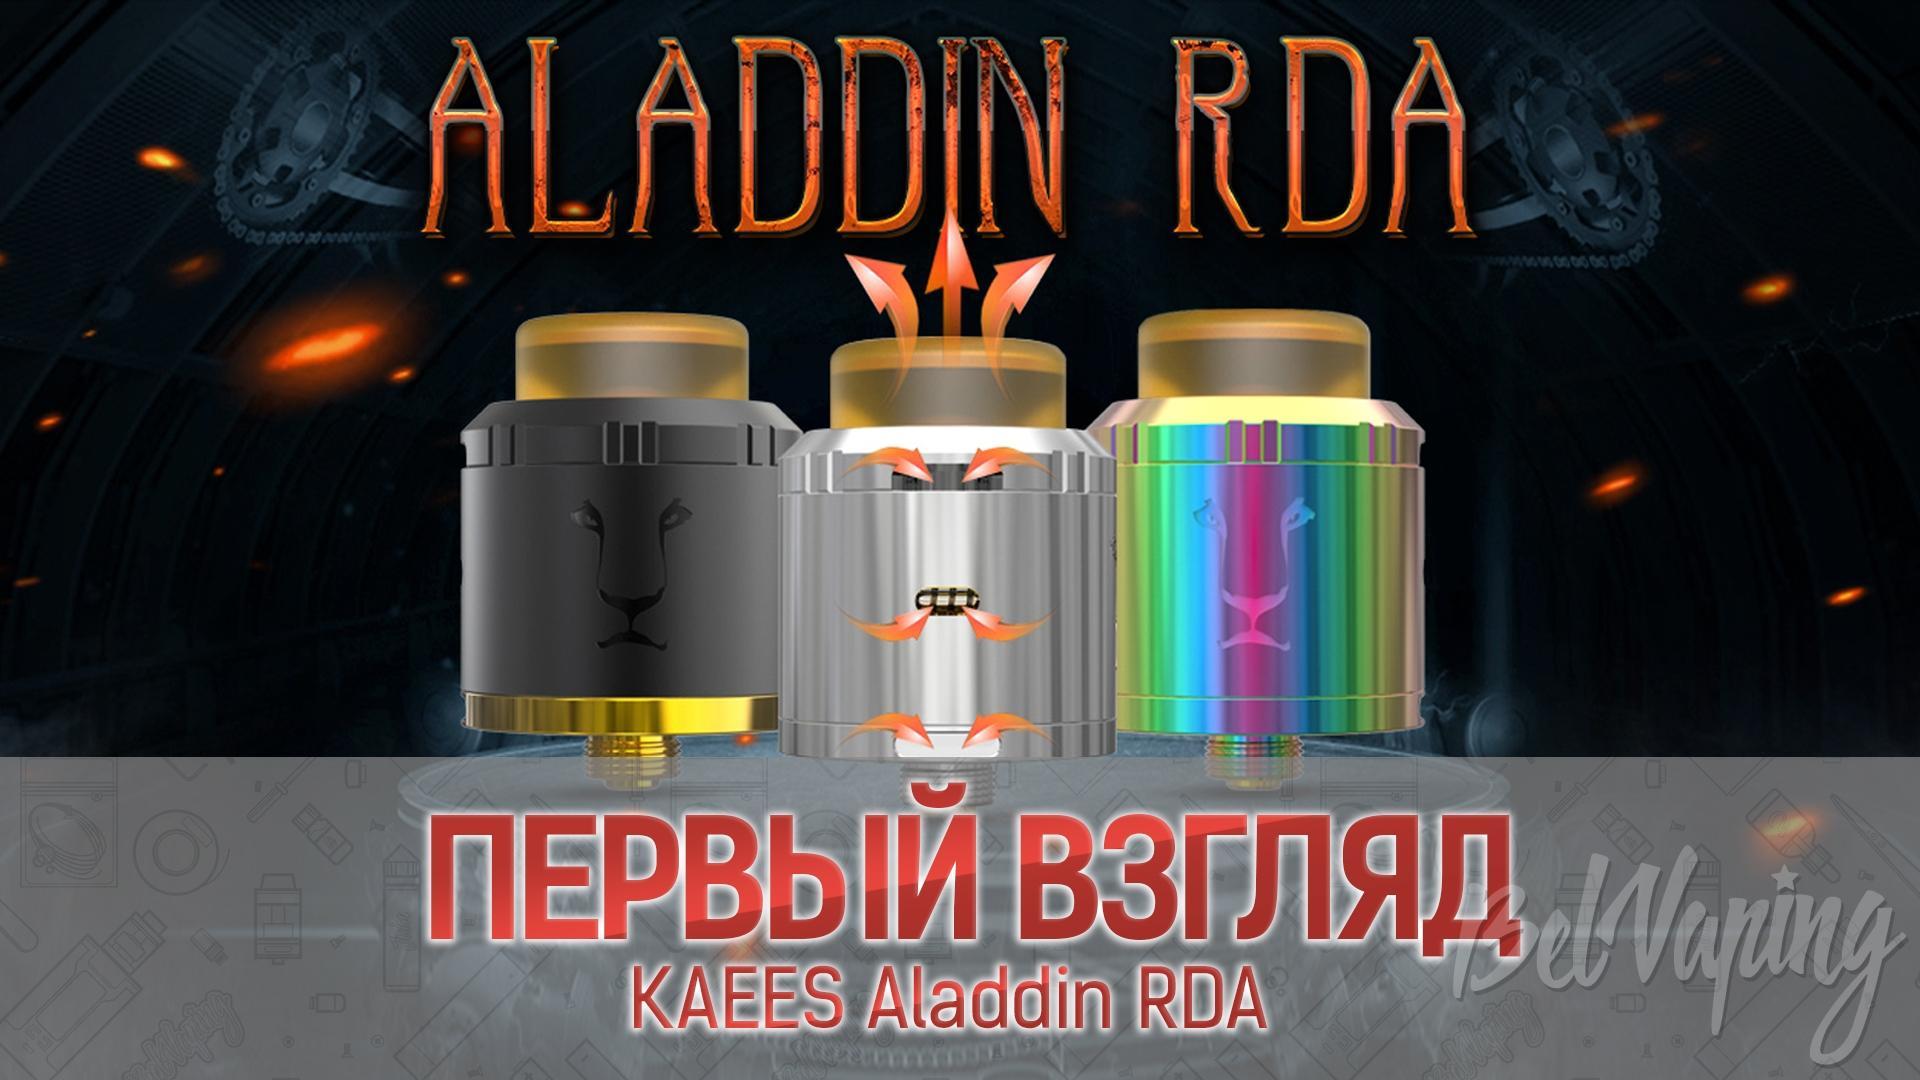 KAEES Aladdin RDA. Первый взгляд